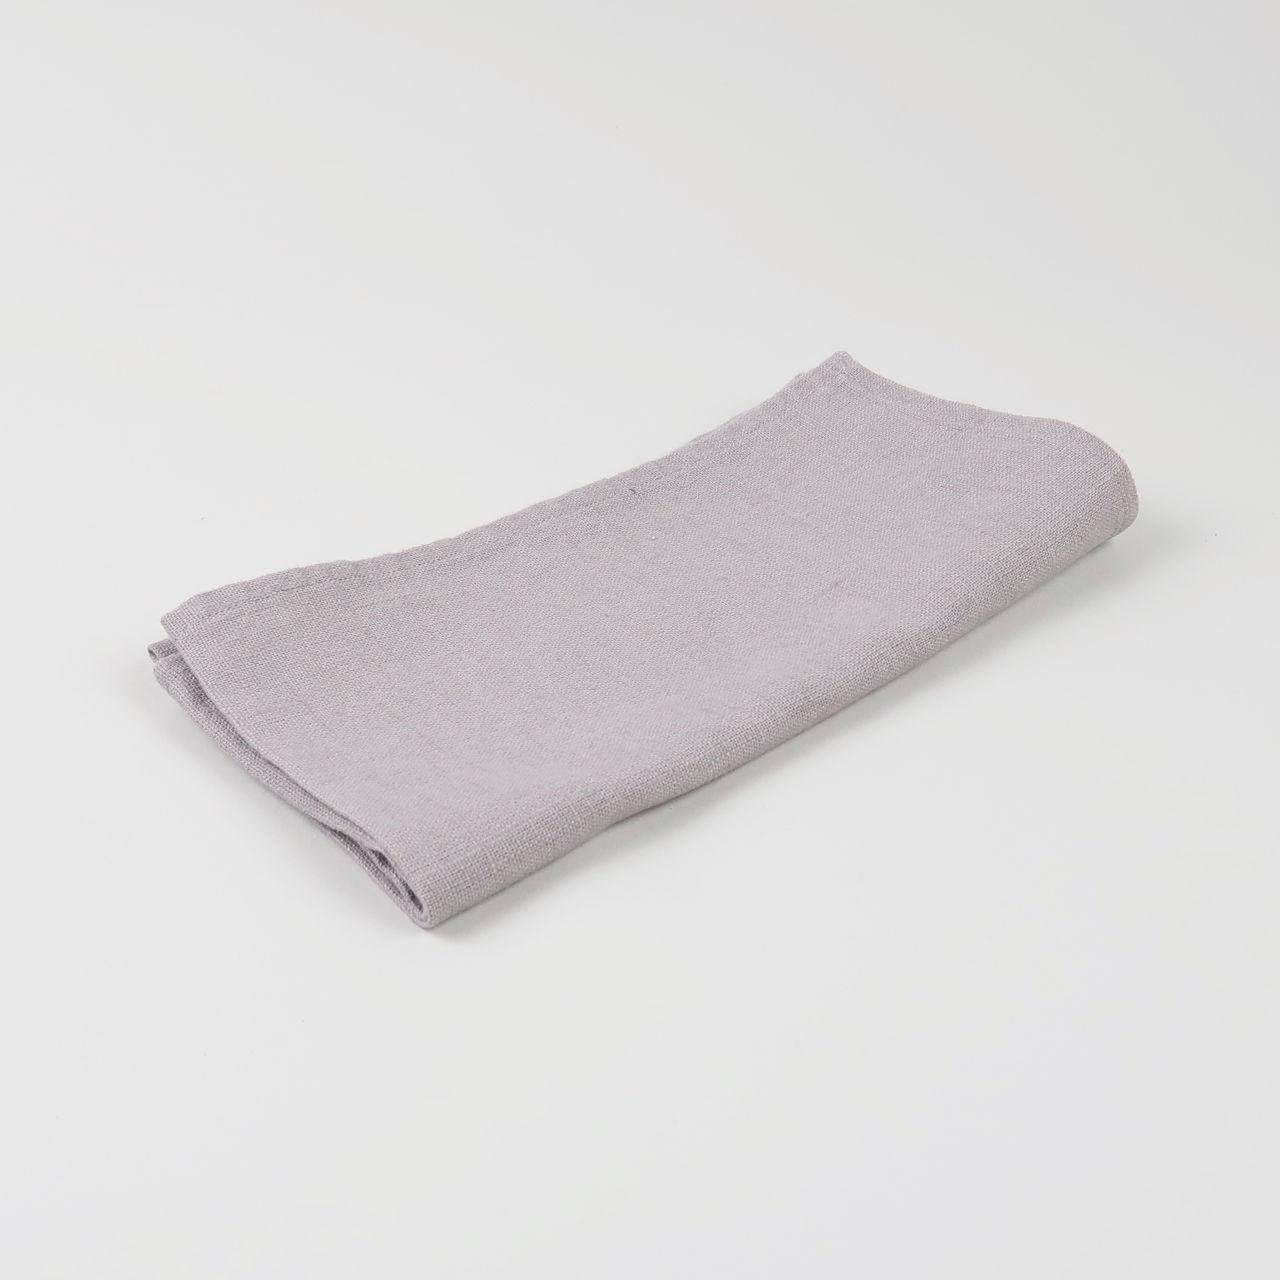 Grey 100% Linen Napkin - Handmade in Ludlow